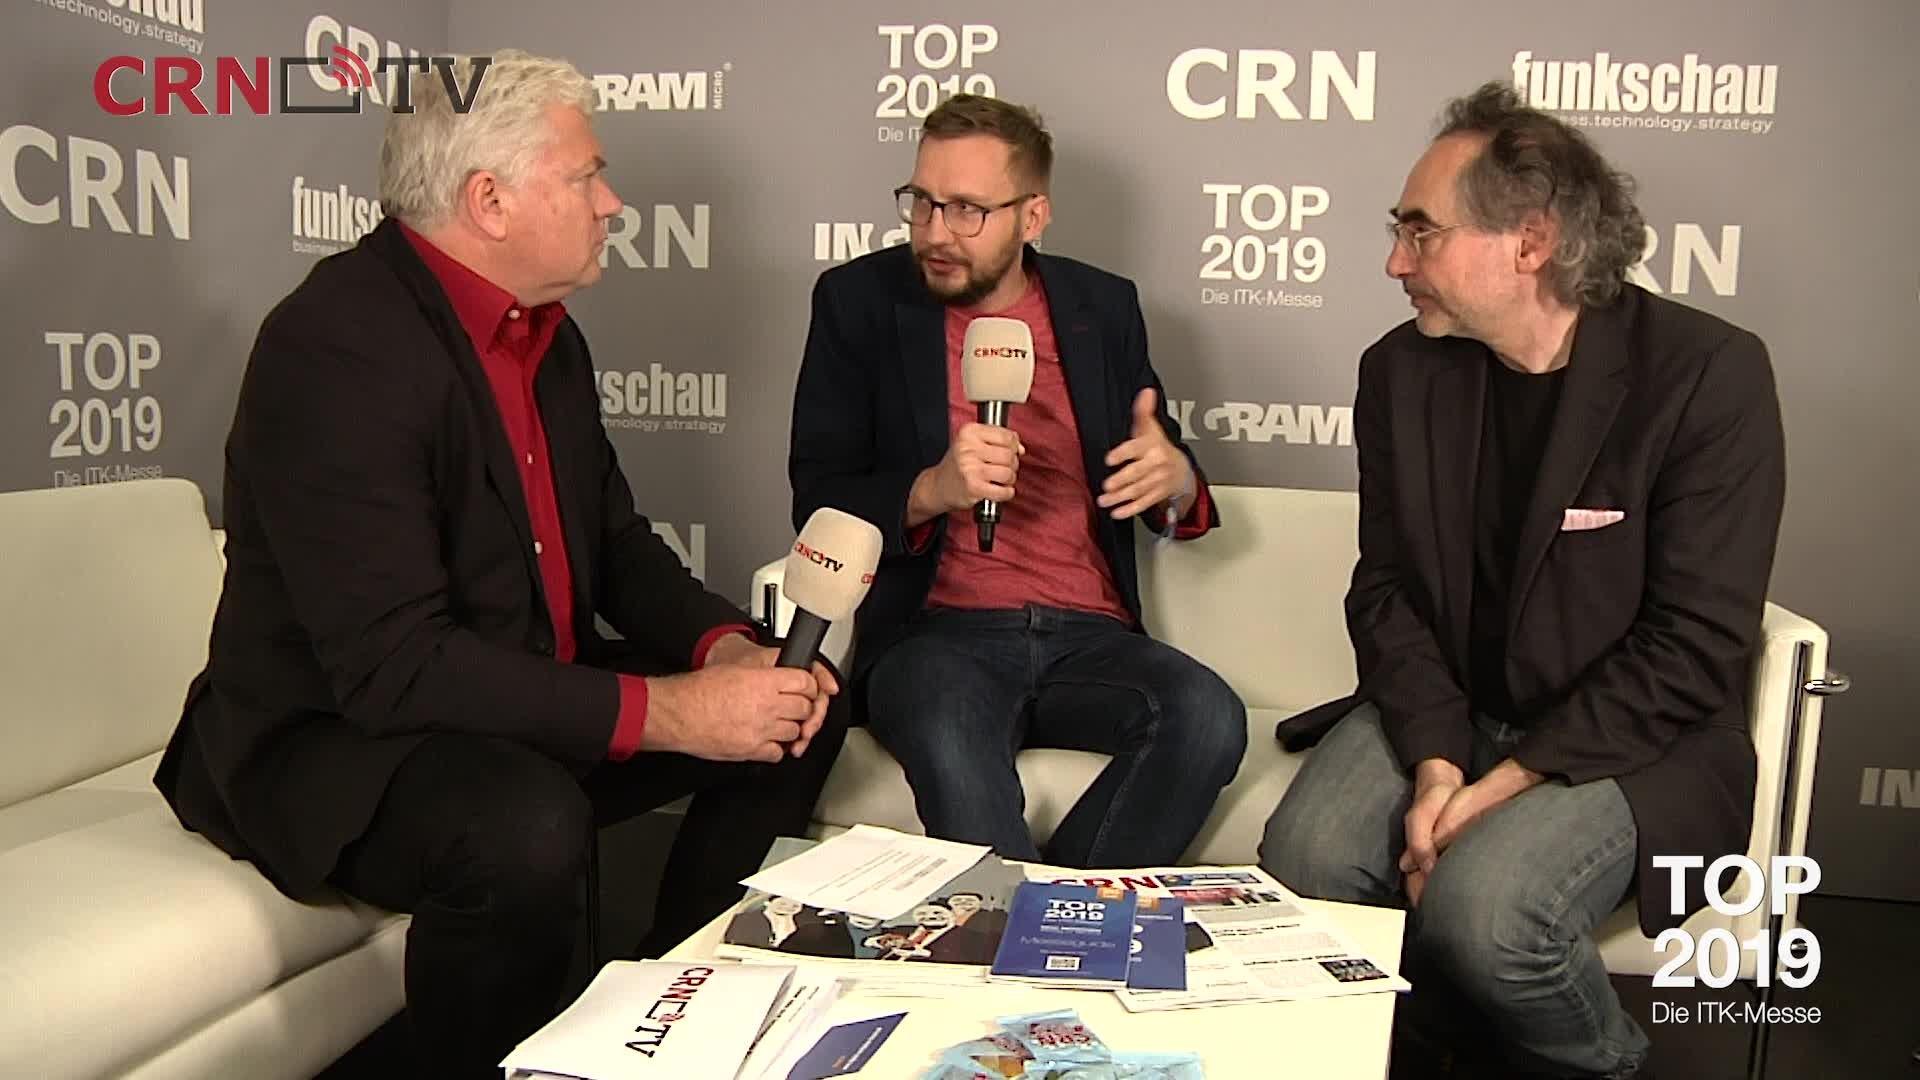 TOP 2019: Andreas Raum und Patrick Jäger im Interview